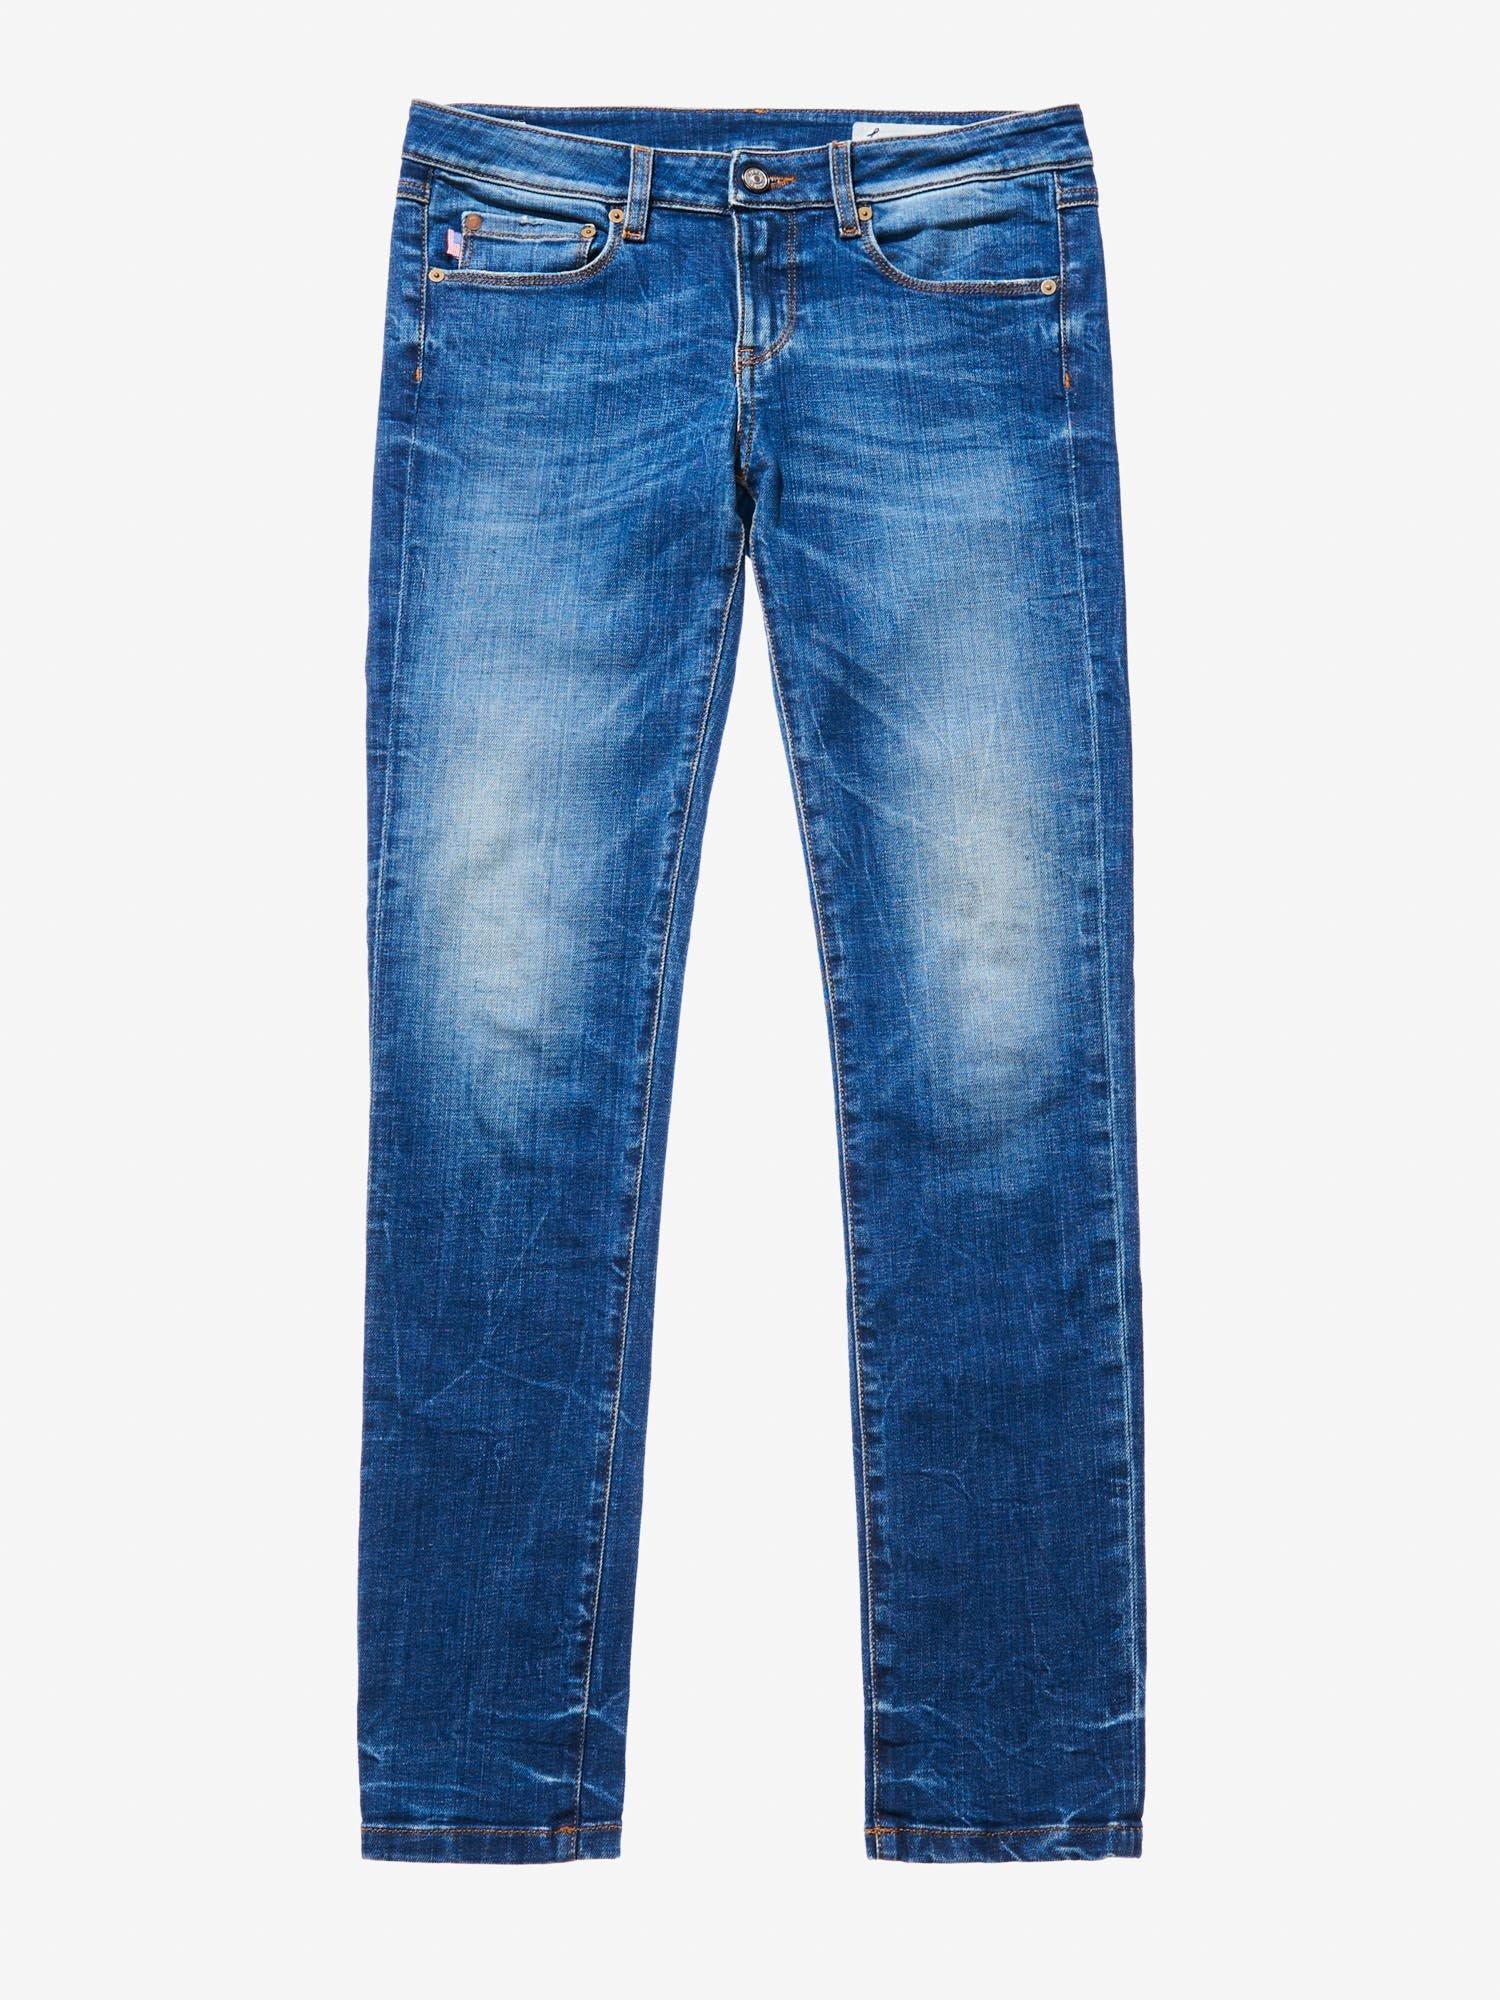 Blauer - BOOT CUT DENIM - Denim Washing - Blauer